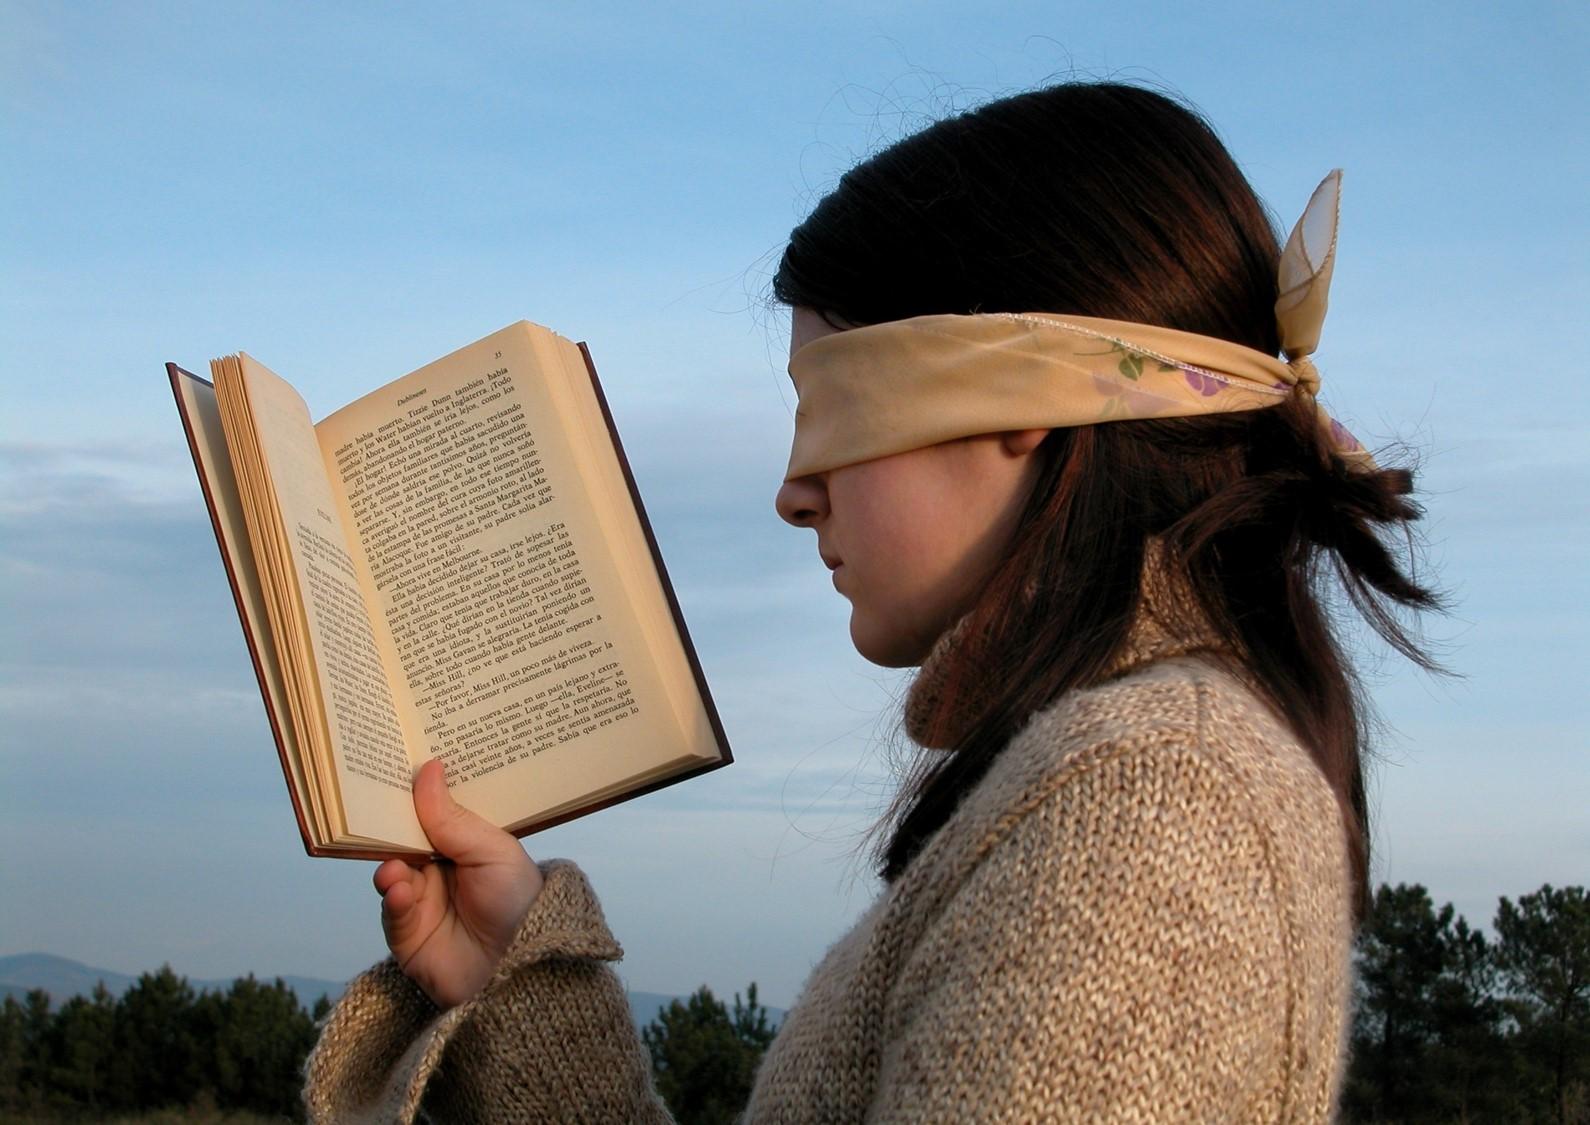 blindfolded book reading compressed.jpg